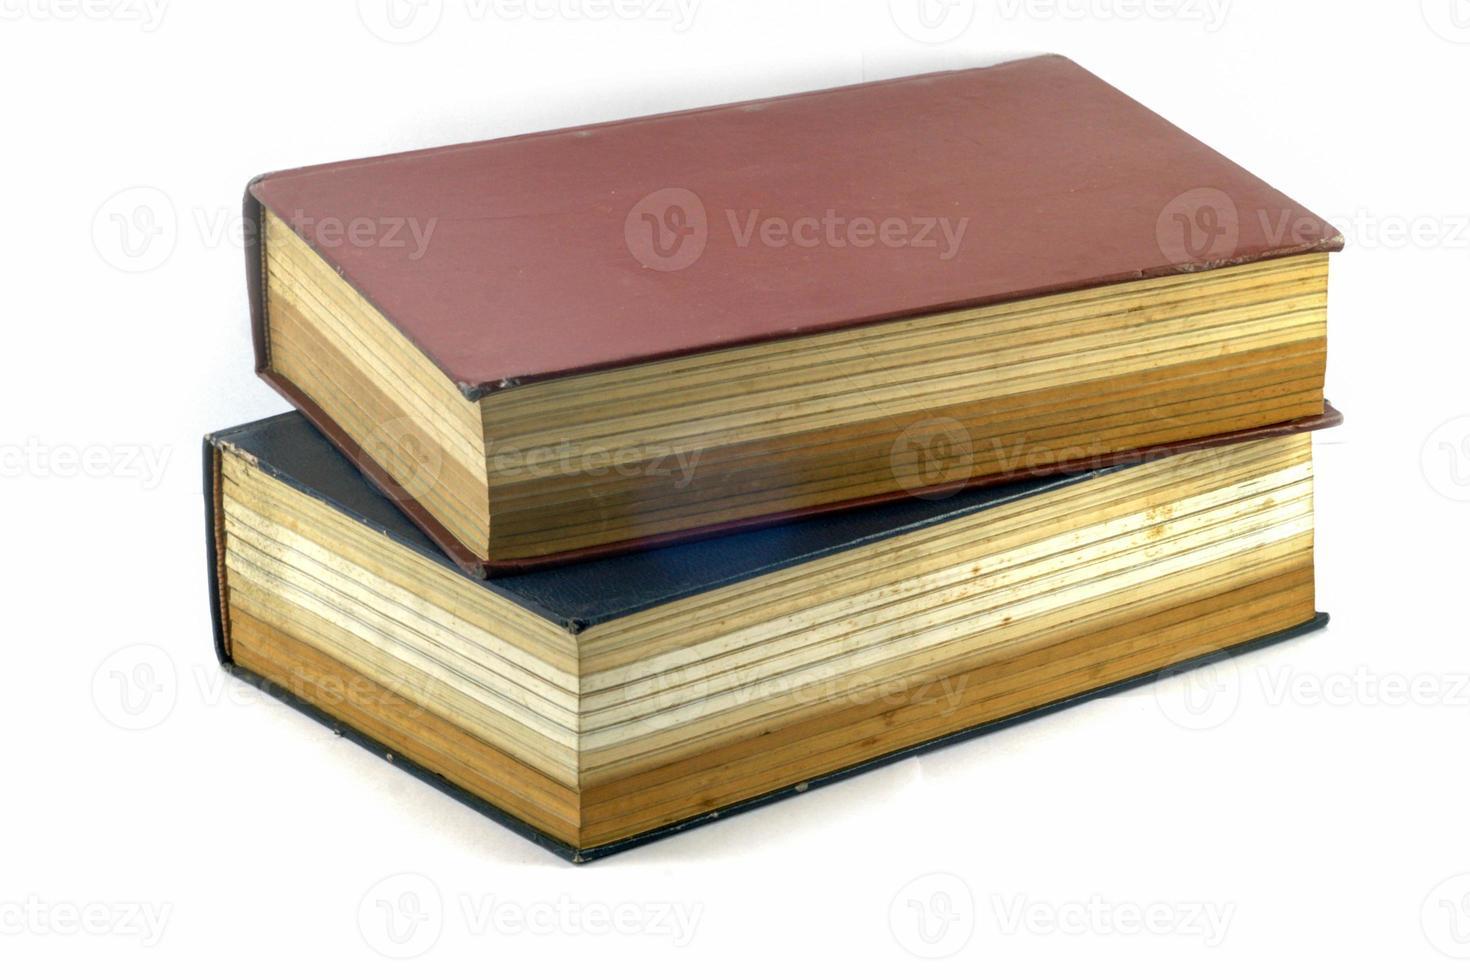 livros antigos ou bíblia foto